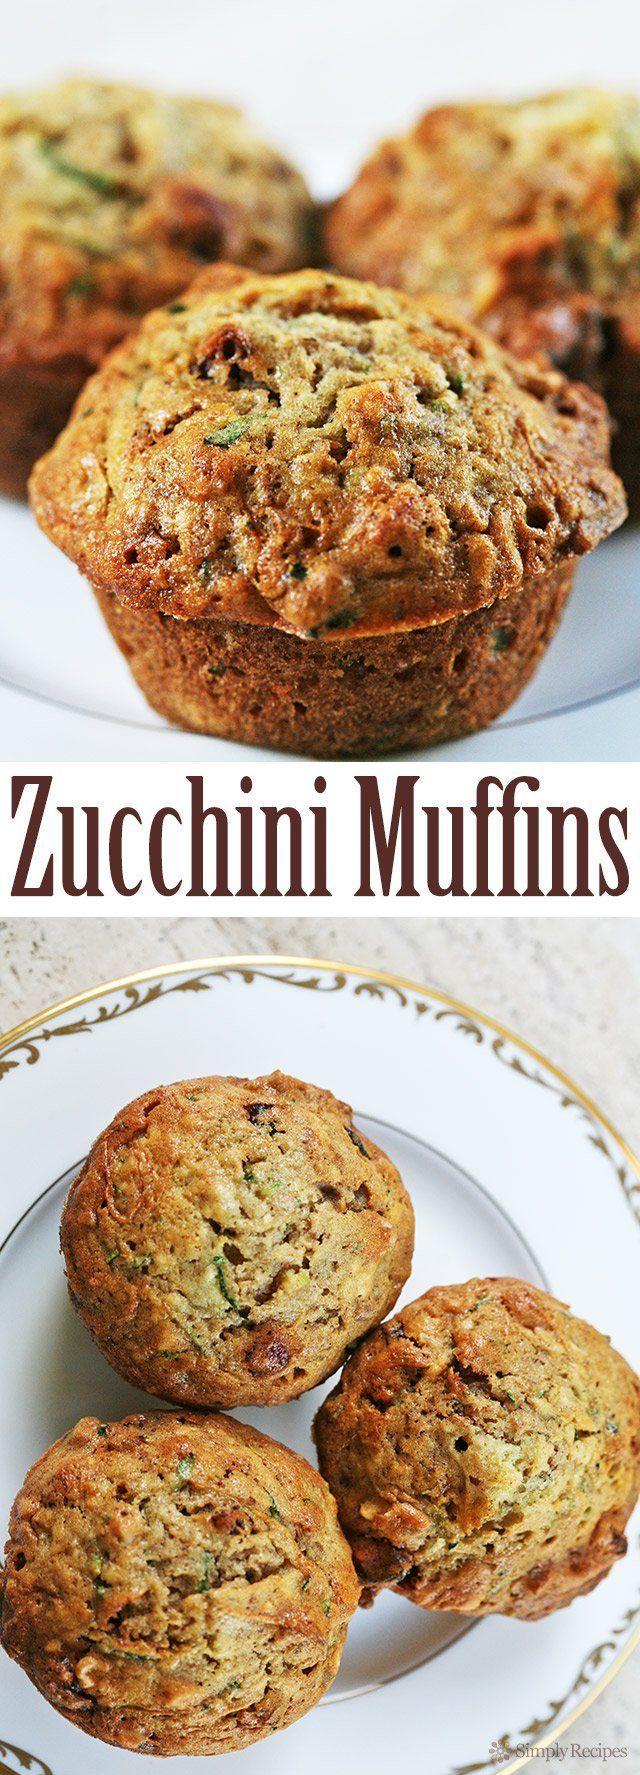 Zucchini Muffins ~ The best zucchini bread muffins ever. Moist, sweet ...